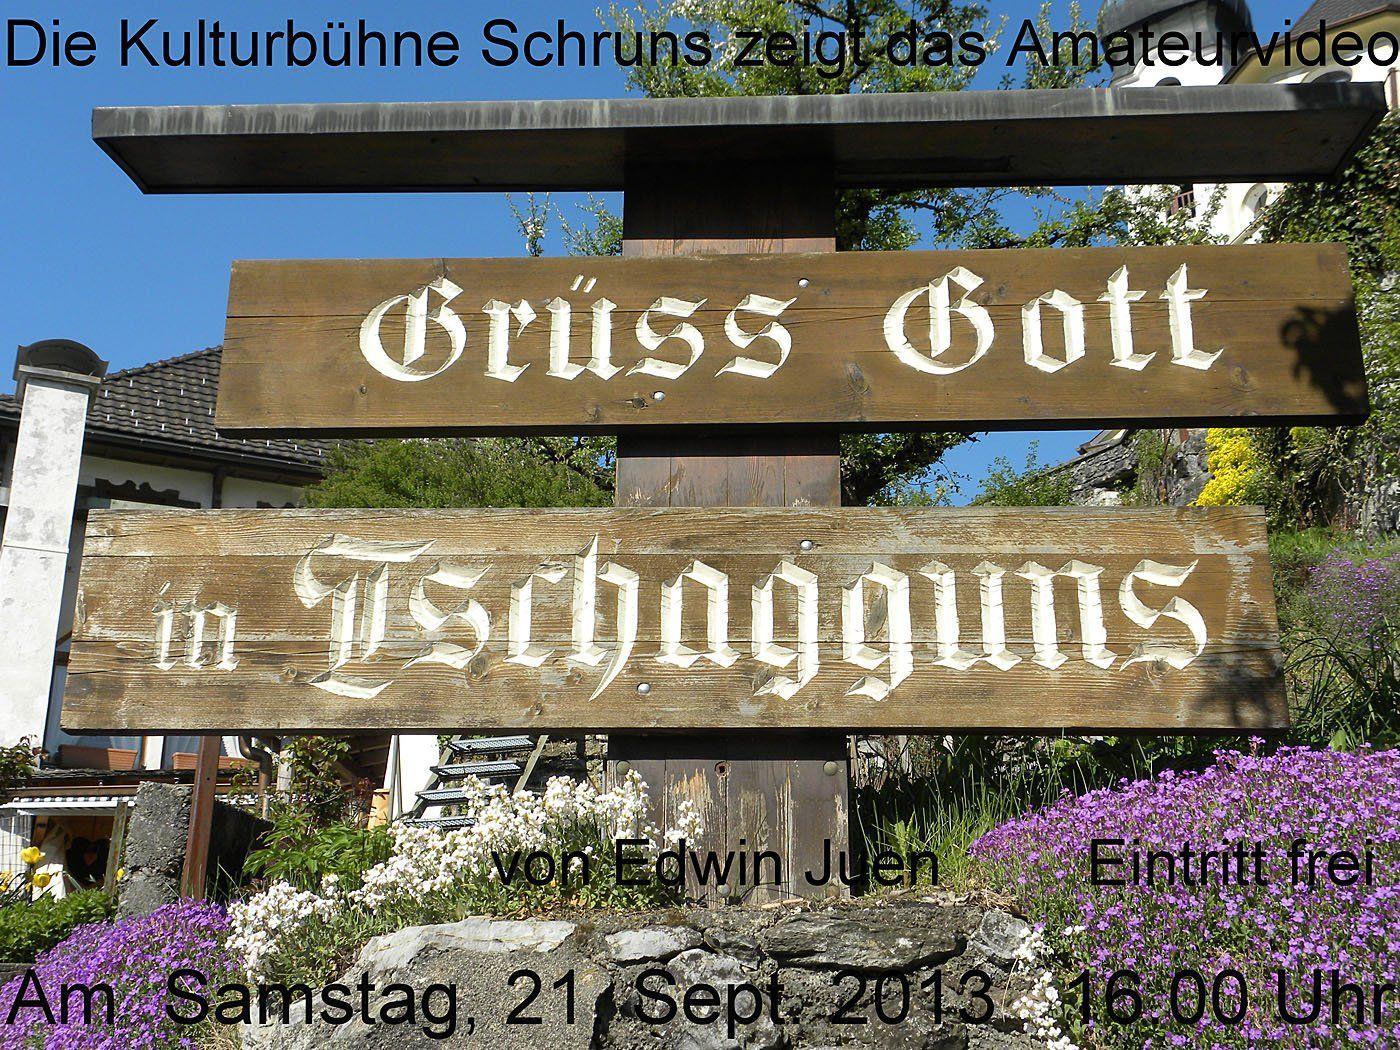 """Der Amateurfilm """"Grüß Gott in Tschagguns"""" wird in der Kulturbühne in Schruns präsentiert."""